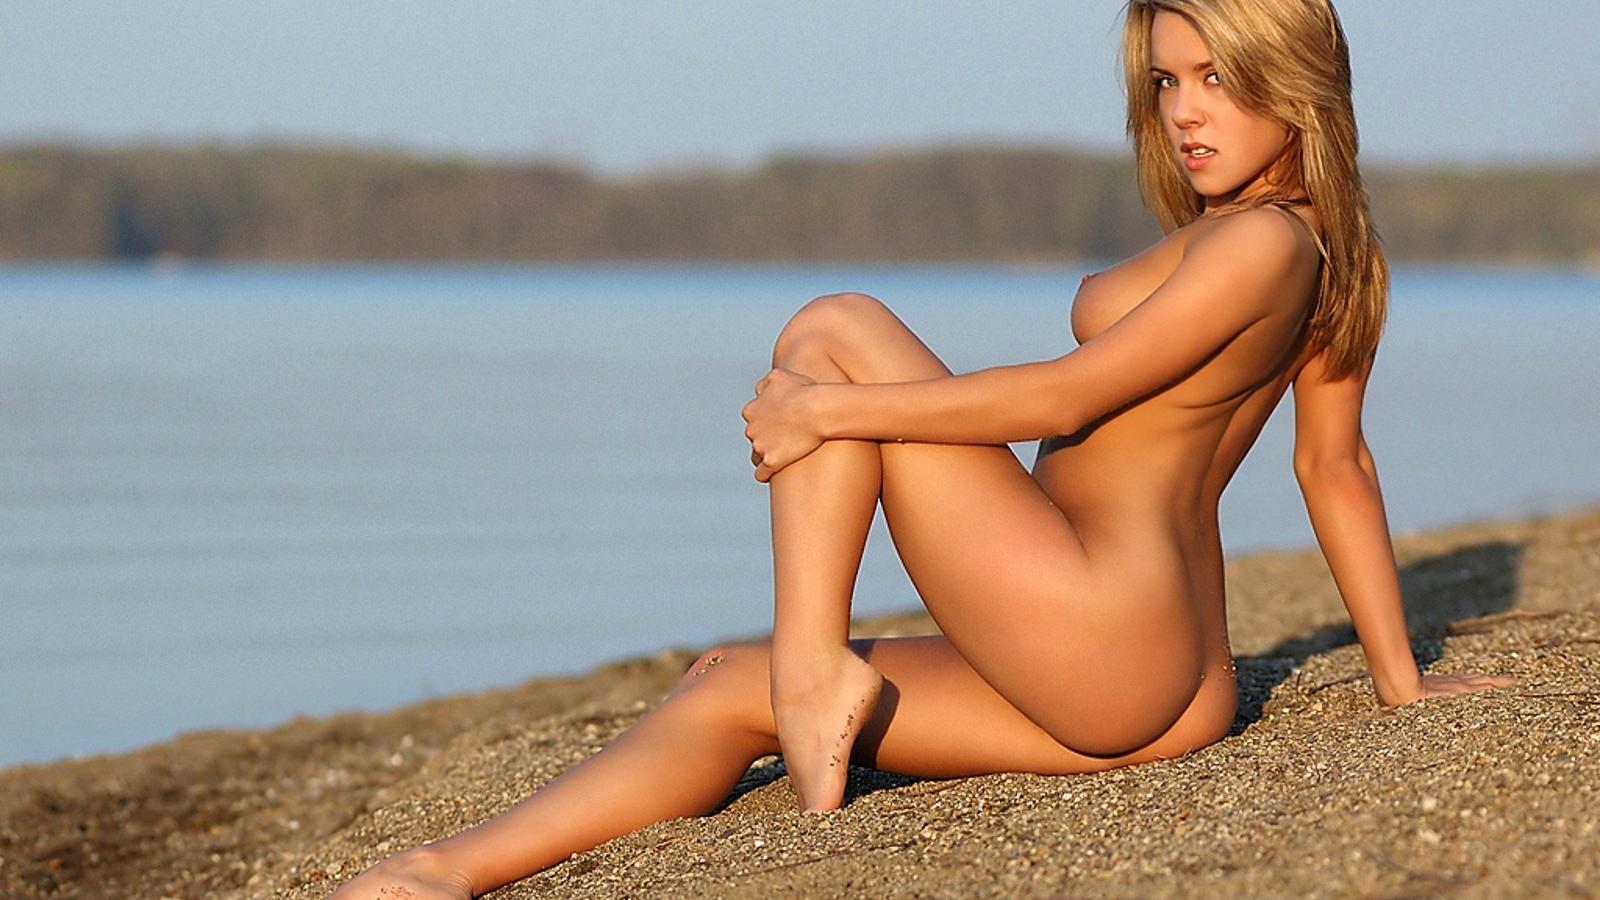 Раздетая девушка одна на пляже